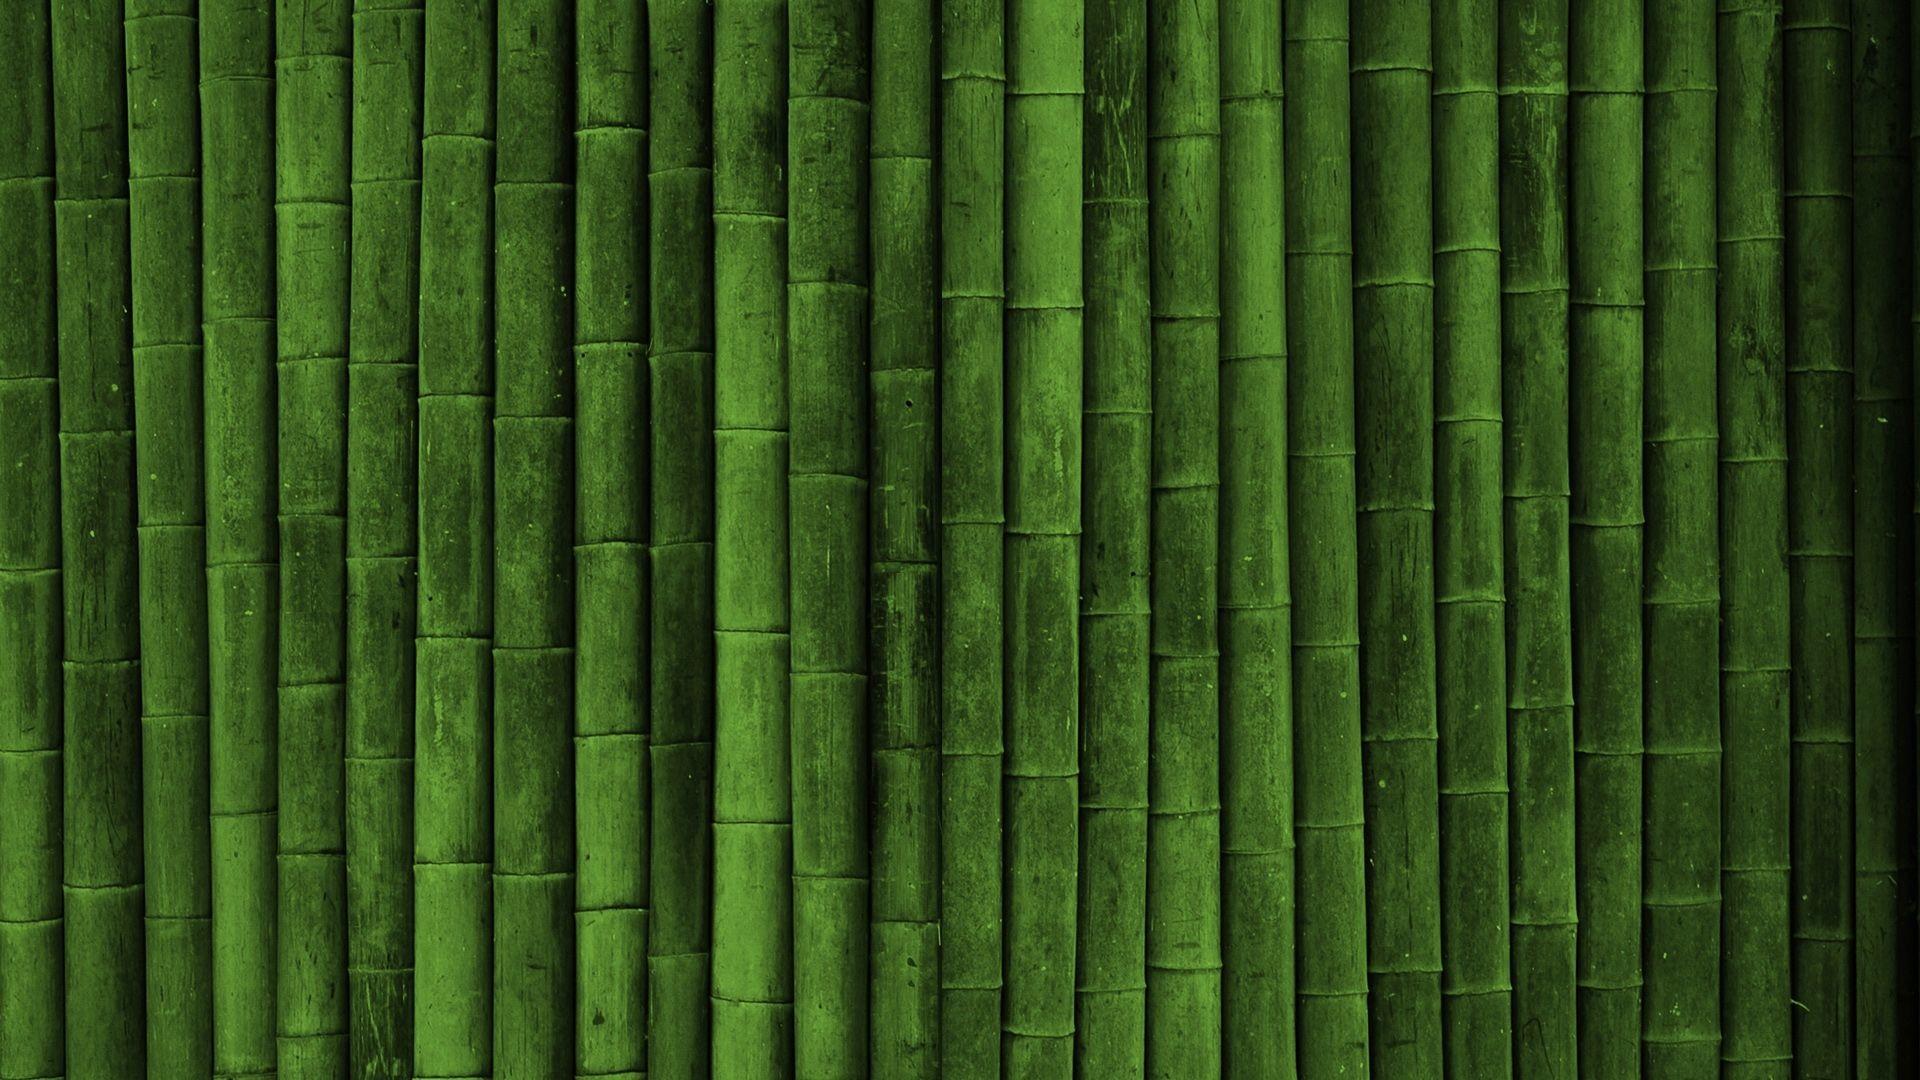 Bamboo Wall HD desktop wallpaper High Definition Fullscreen | HD Wallpapers  | Pinterest | Bamboo wallpaper, Hd wallpaper and Wallpaper